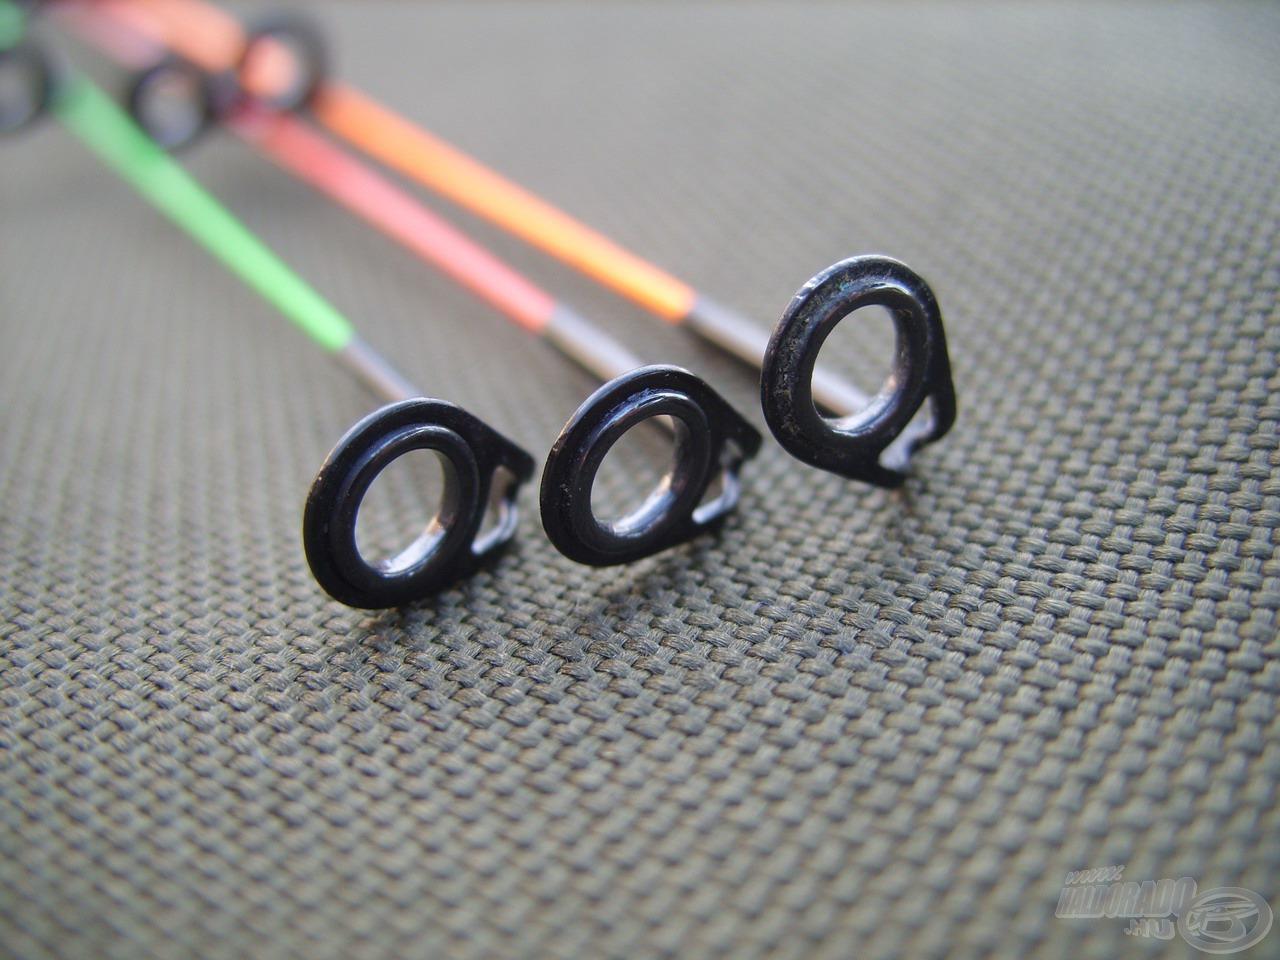 Minden rezgőspicc megnövelt átmérőjű gyűrűkkel rendelkezik, amik strapabíróbbak, és praktikusabbak is kisebb társaiknál. Ezek között garantáltan kisebb ellenállással fut ki a zsinór